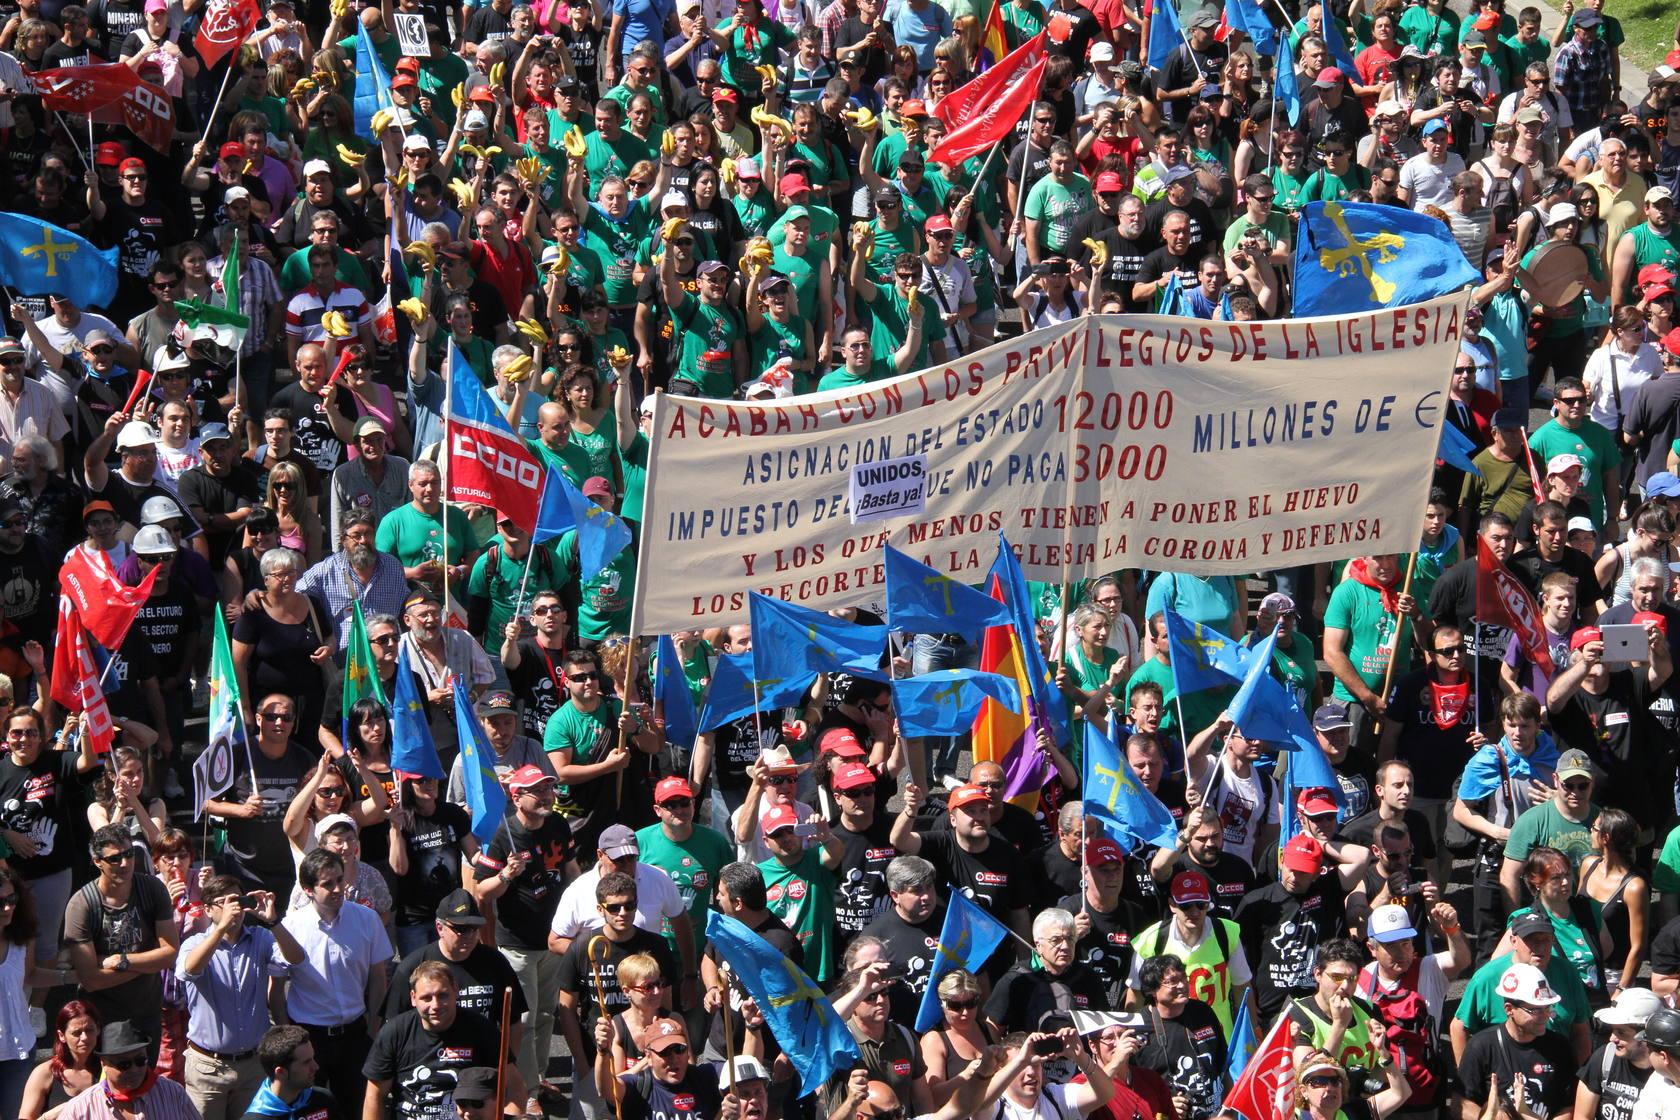 Los mineros marchan por Madrid hasta el Ministerio de Industria